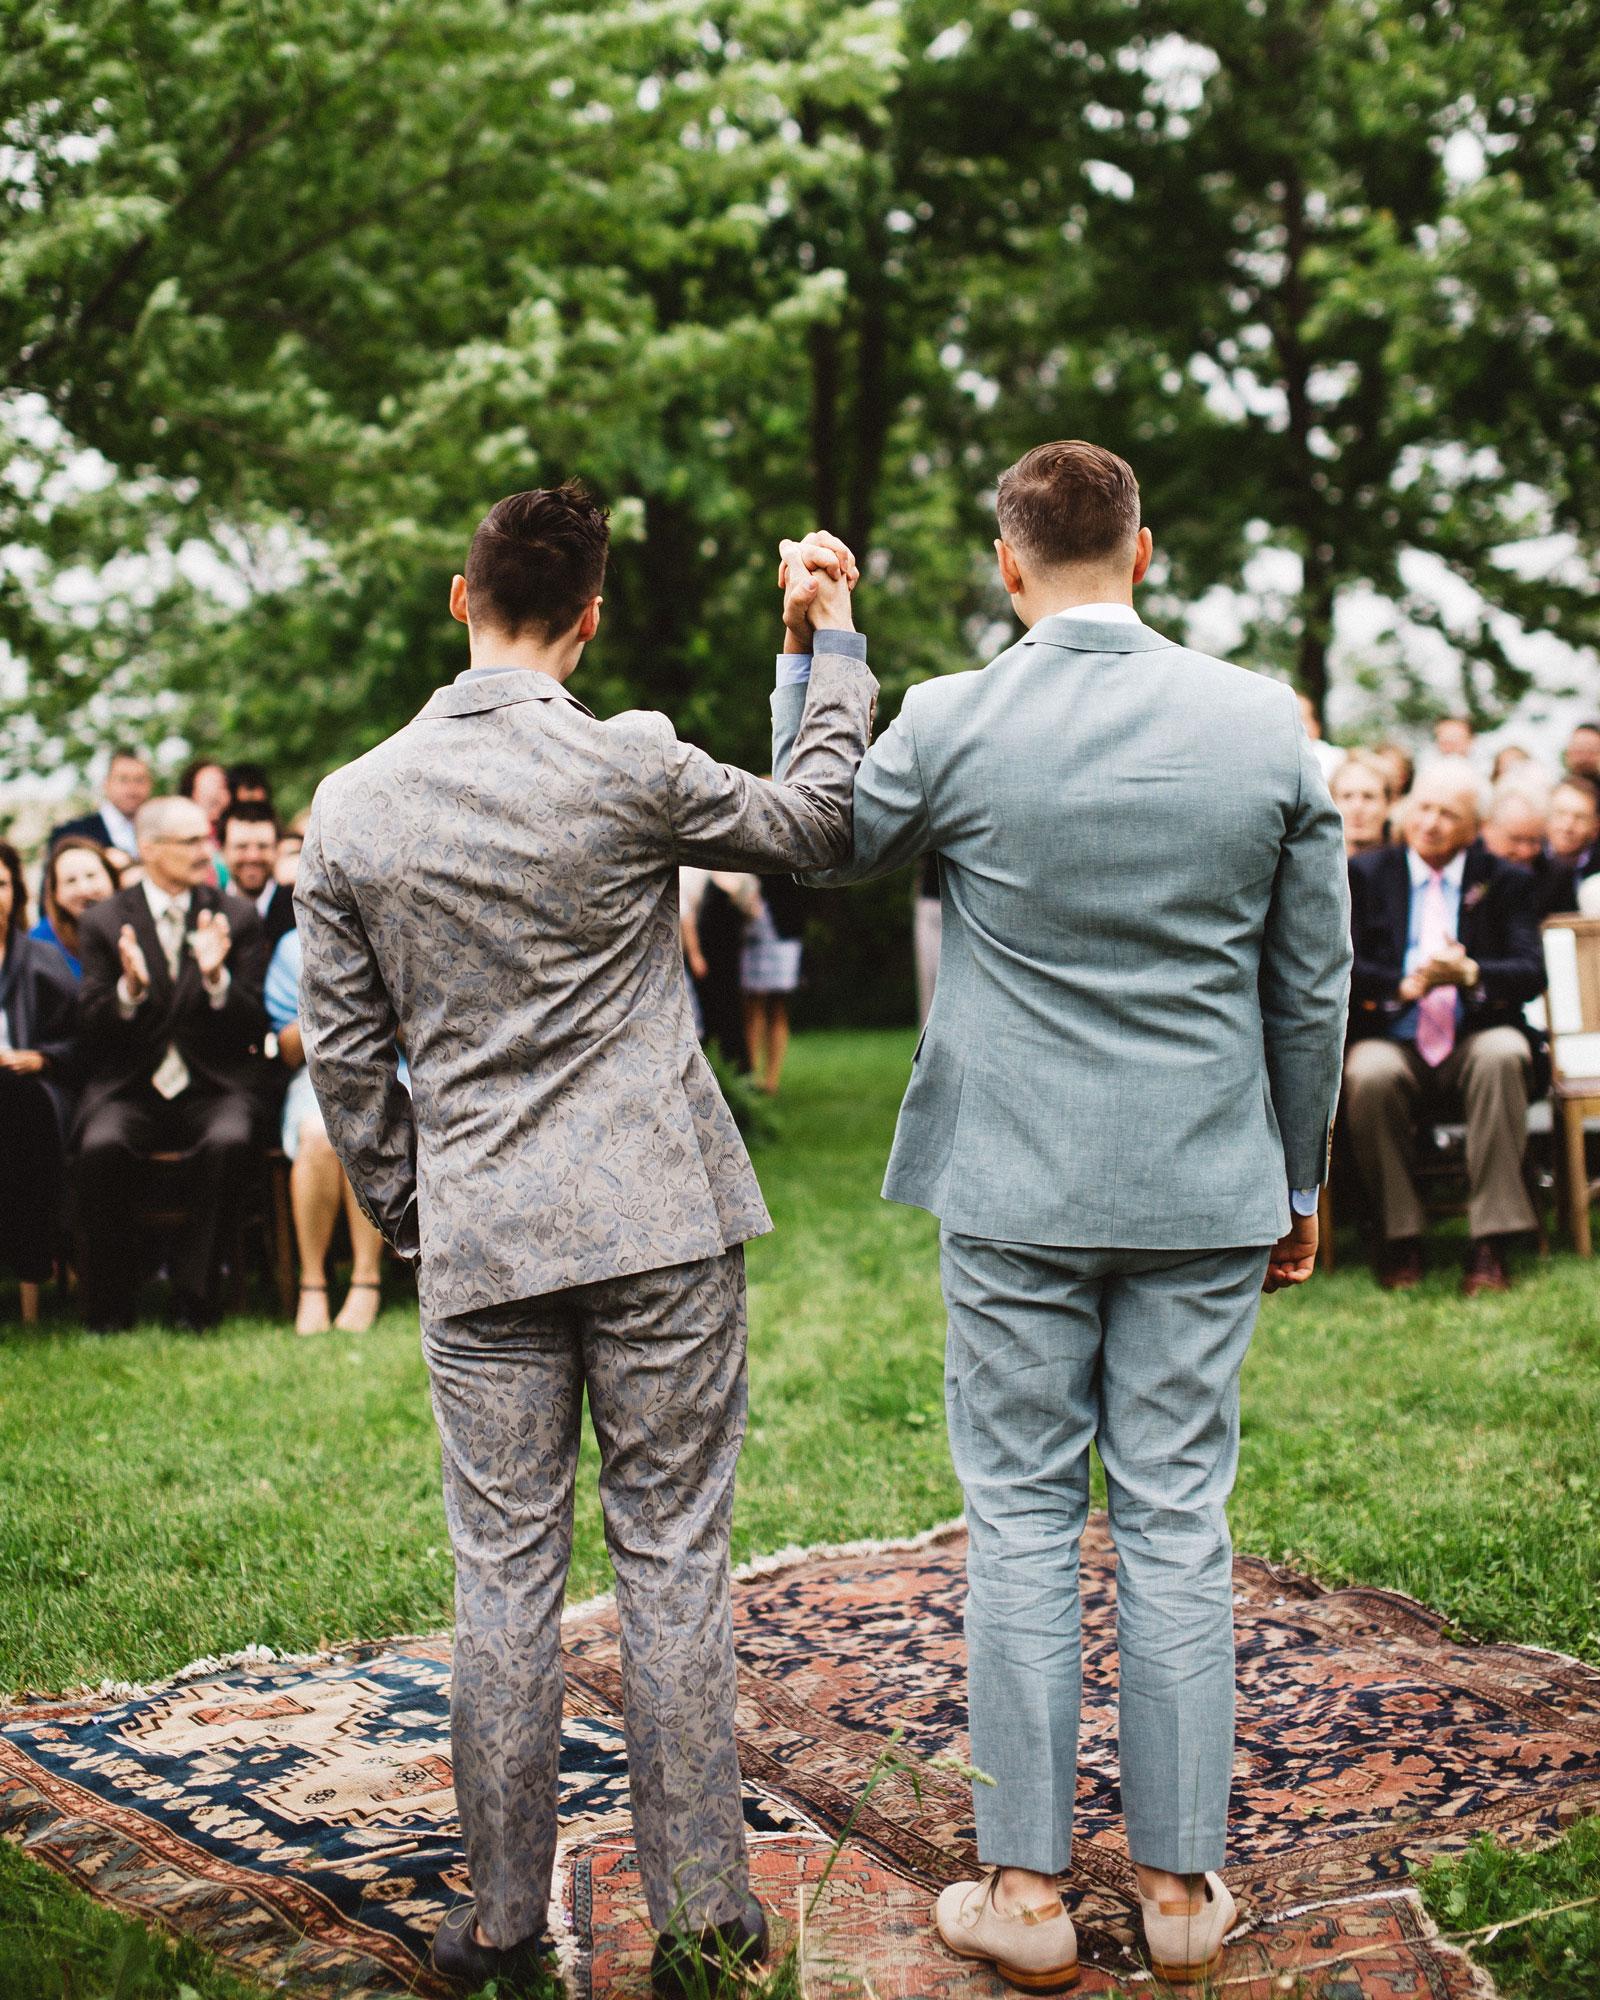 chase-drew-wedding-iowa-ceremony-350-s112425.jpg